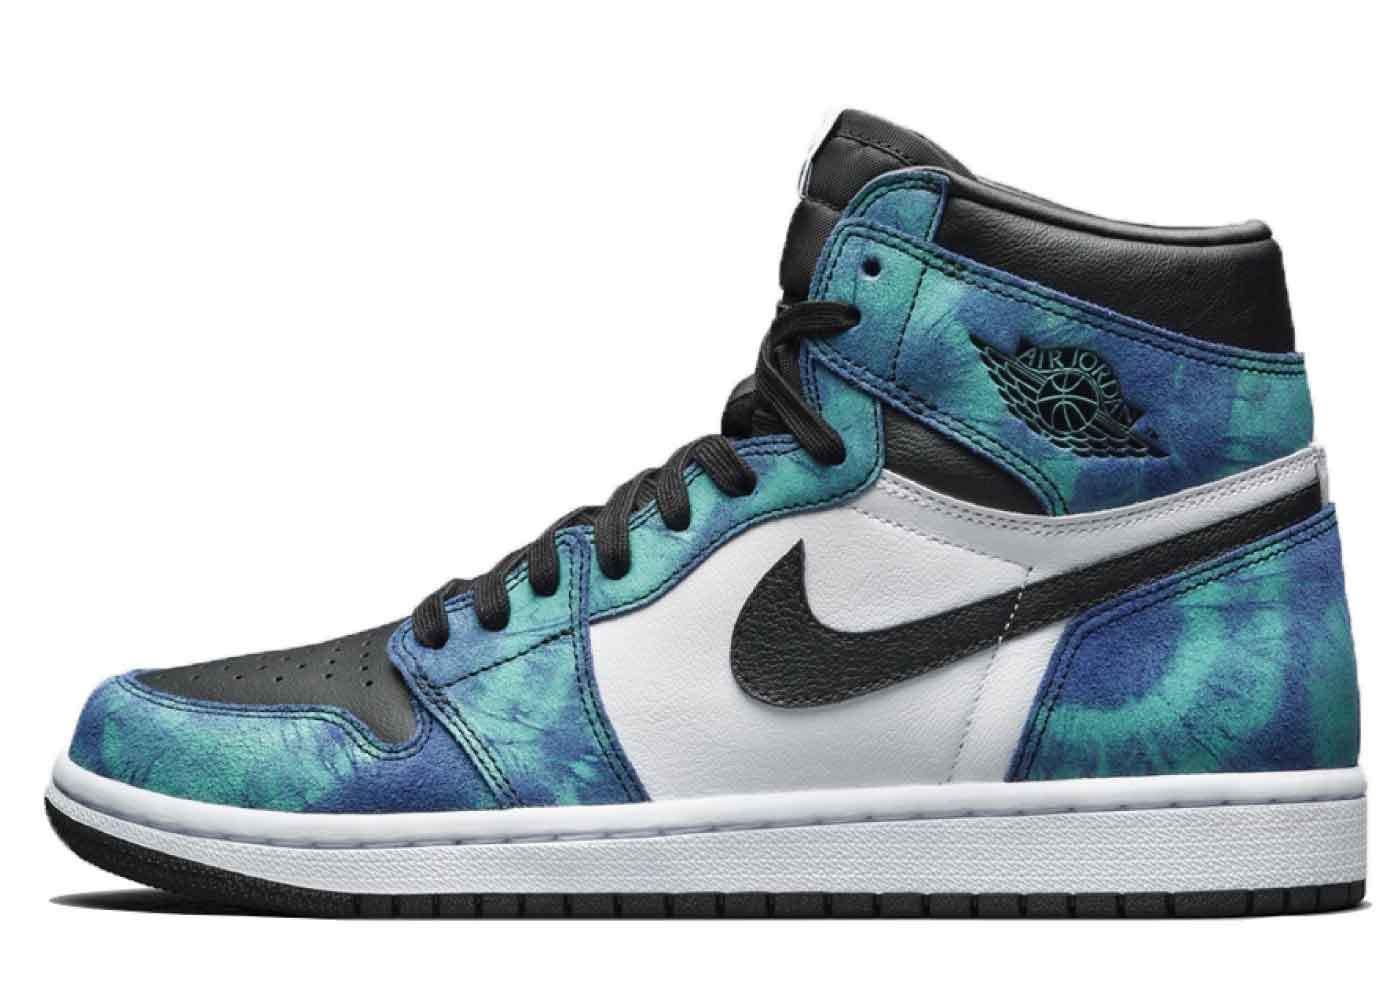 Nike Air Jordan 1 High OG Tie-Dye Womensの写真